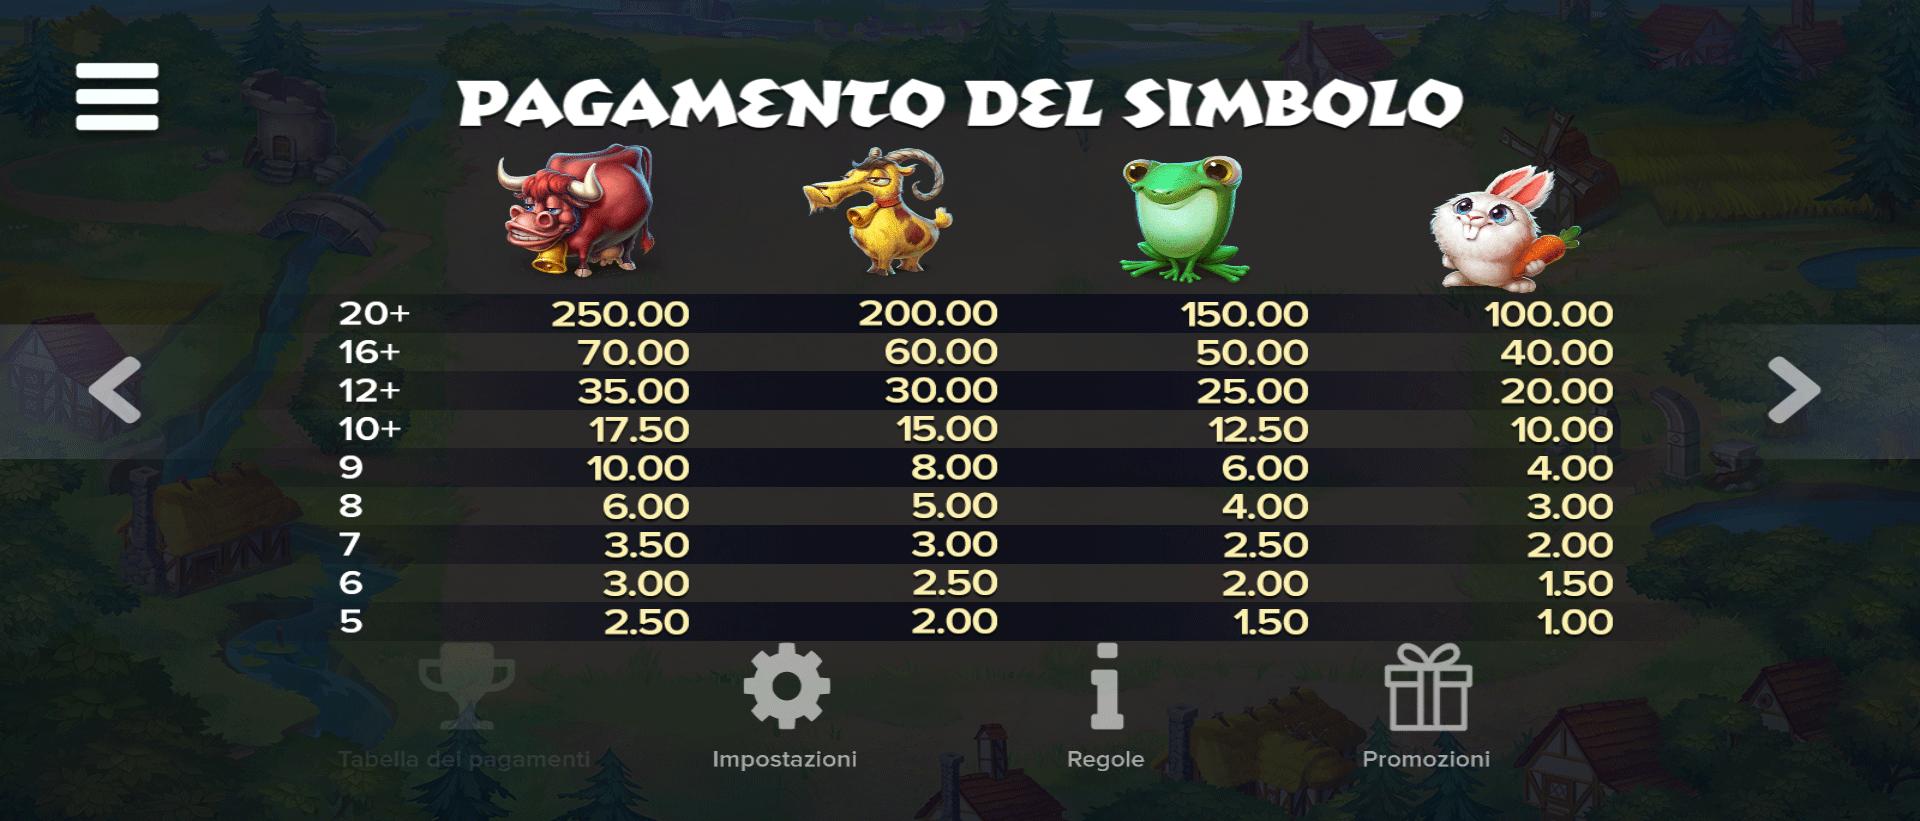 tabella dei pagamenti della slot online micro knights